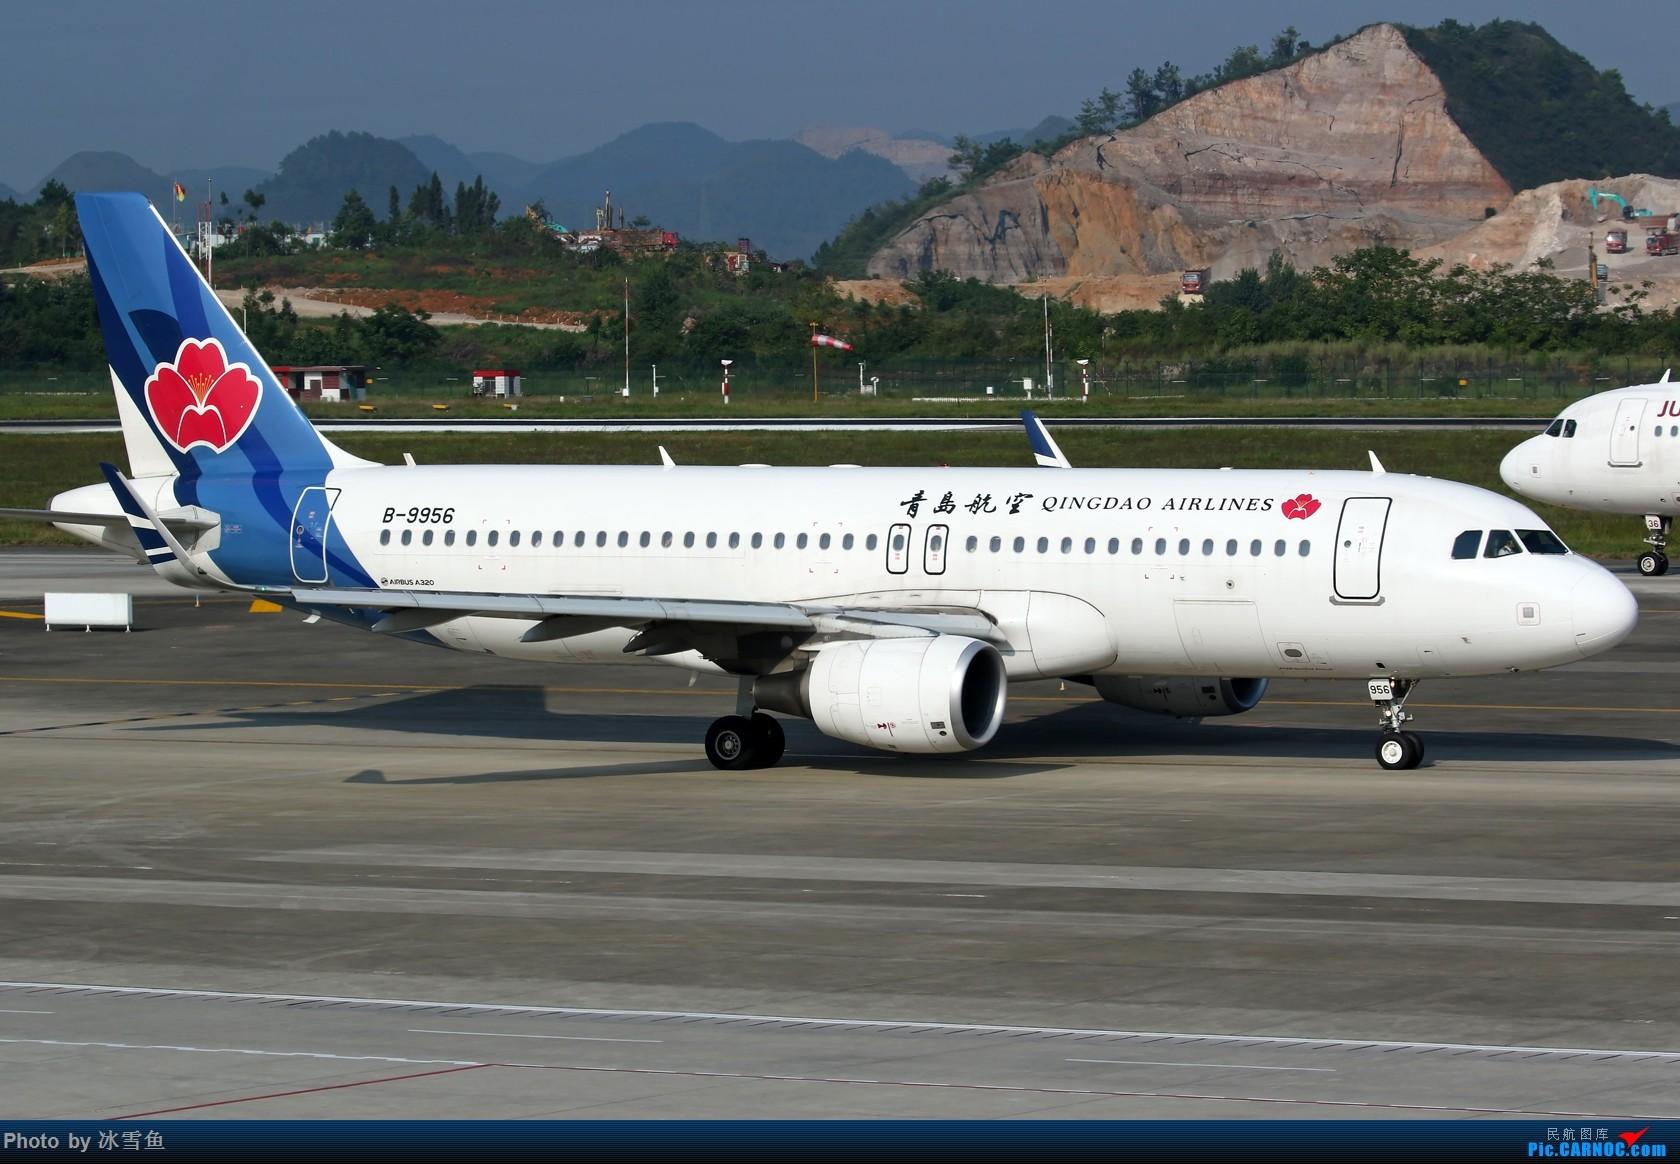 【BLDDQ】贵阳龙洞堡,候机时拍几张,同时回味滑行道边曾经的拍机位 AIRBUS A320-200 B-9956 中国贵阳龙洞堡国际机场